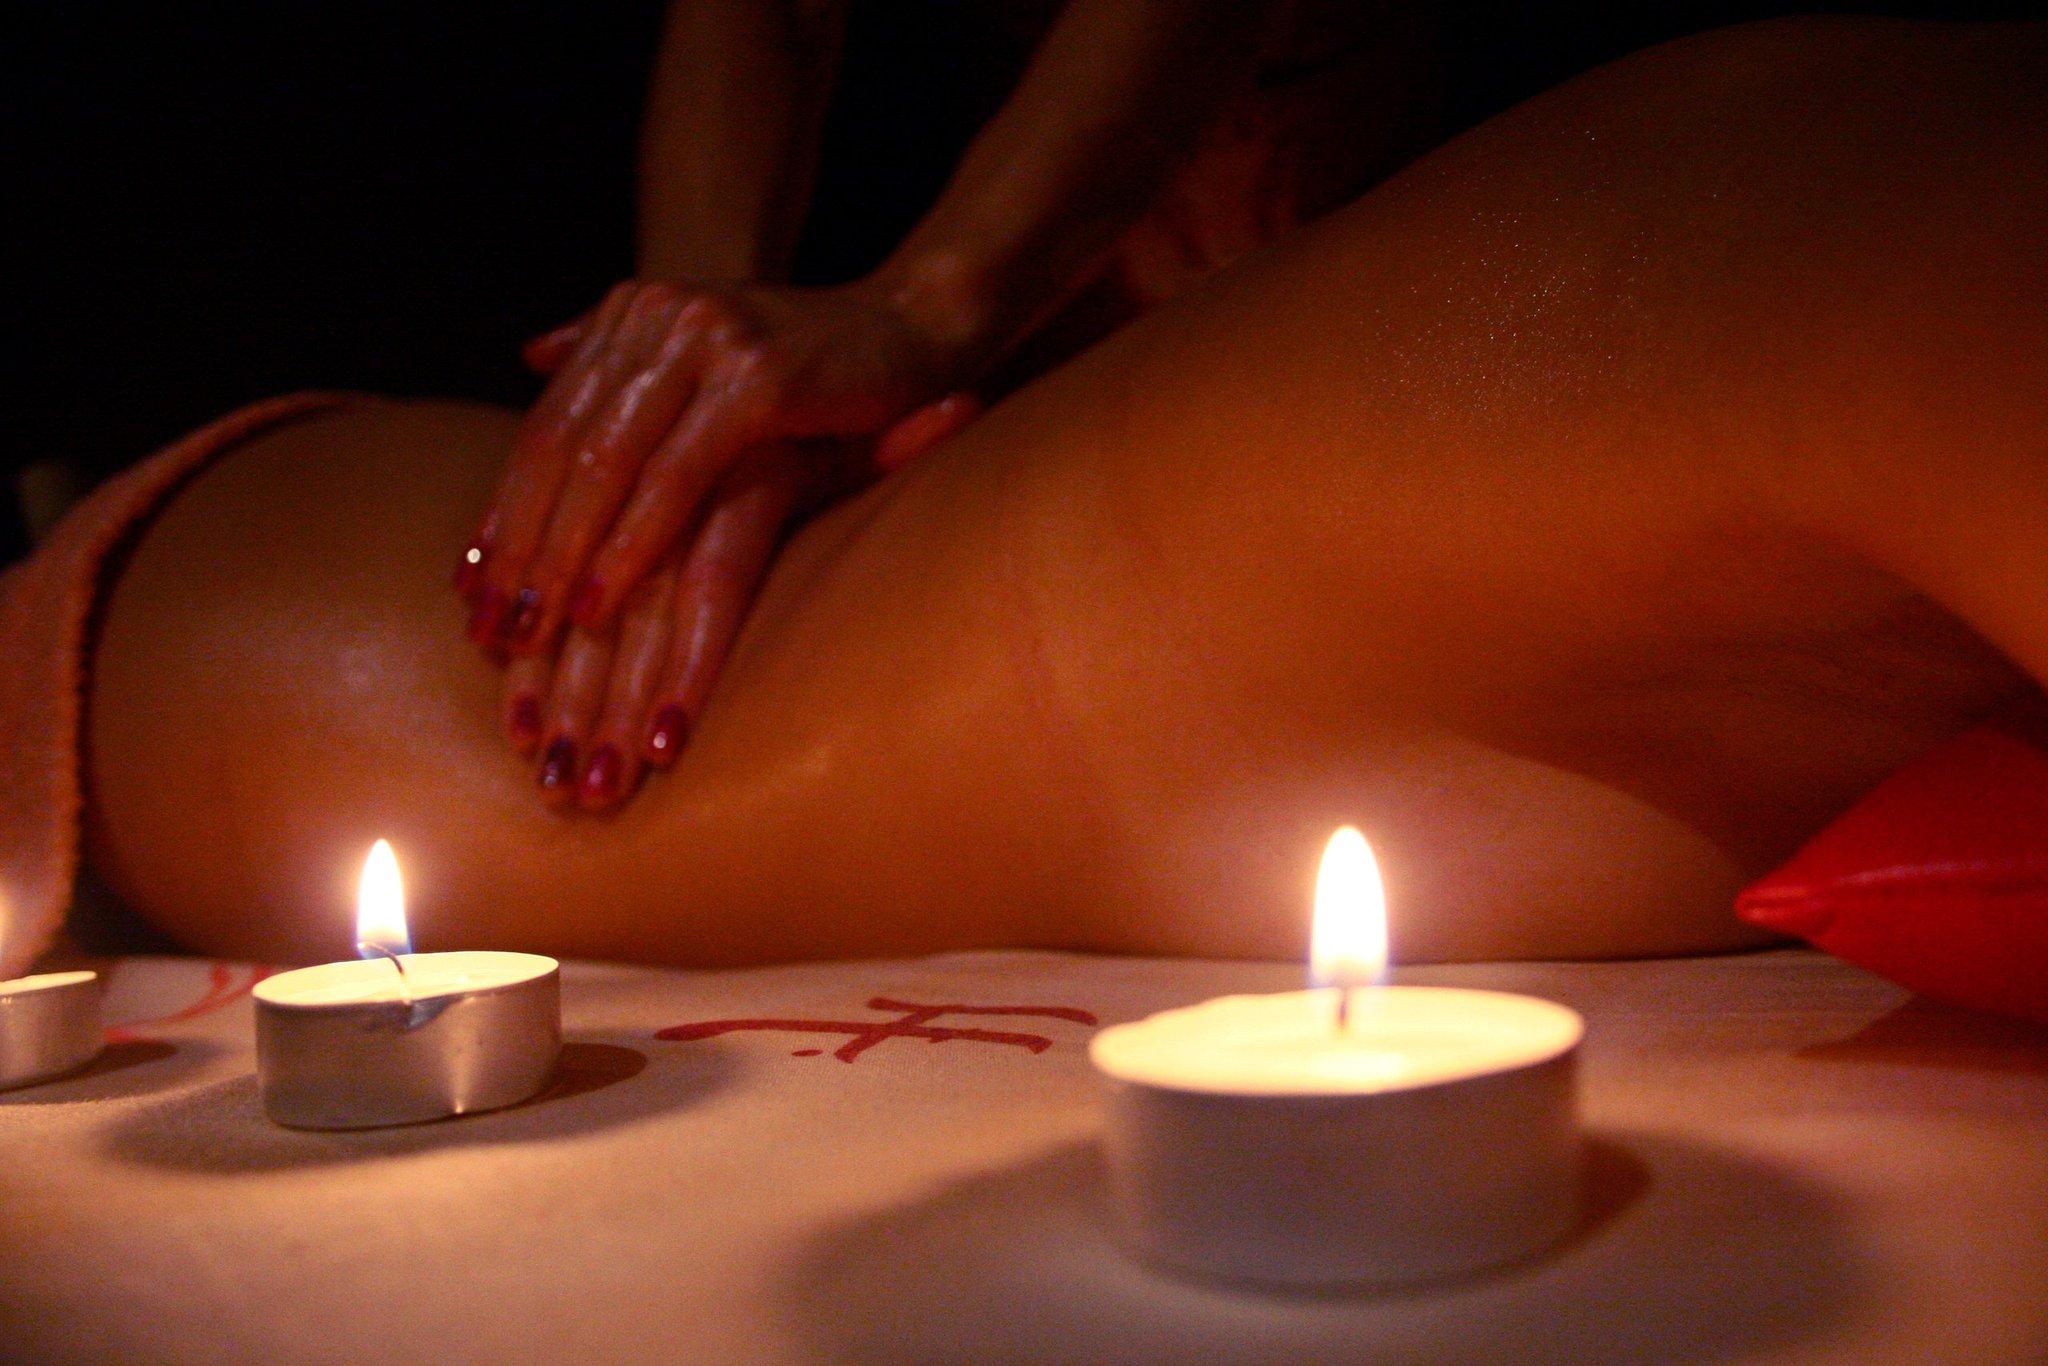 Эрогенный йони-массаж: что это такое и как его делать? интимный массаж : labuda.blog эрогенный йони-массаж: что это такое и как его делать? интимный массаж — «лабуда» информационно-развлекательный интернет журнал